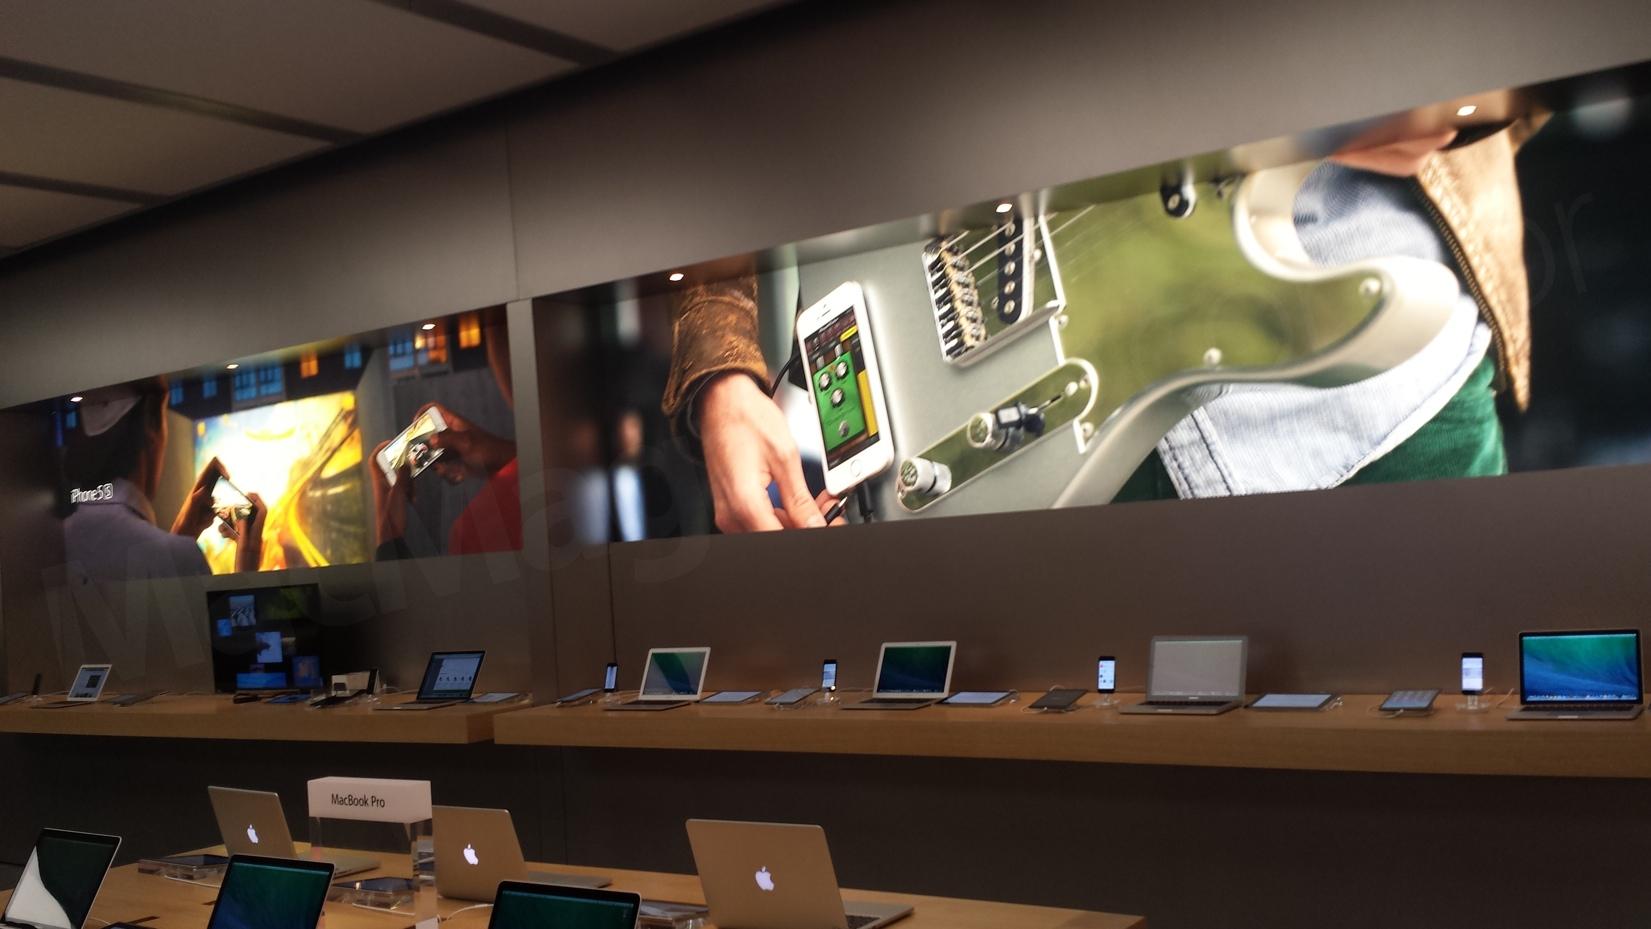 Novos painéis na Apple Store, VillageMall